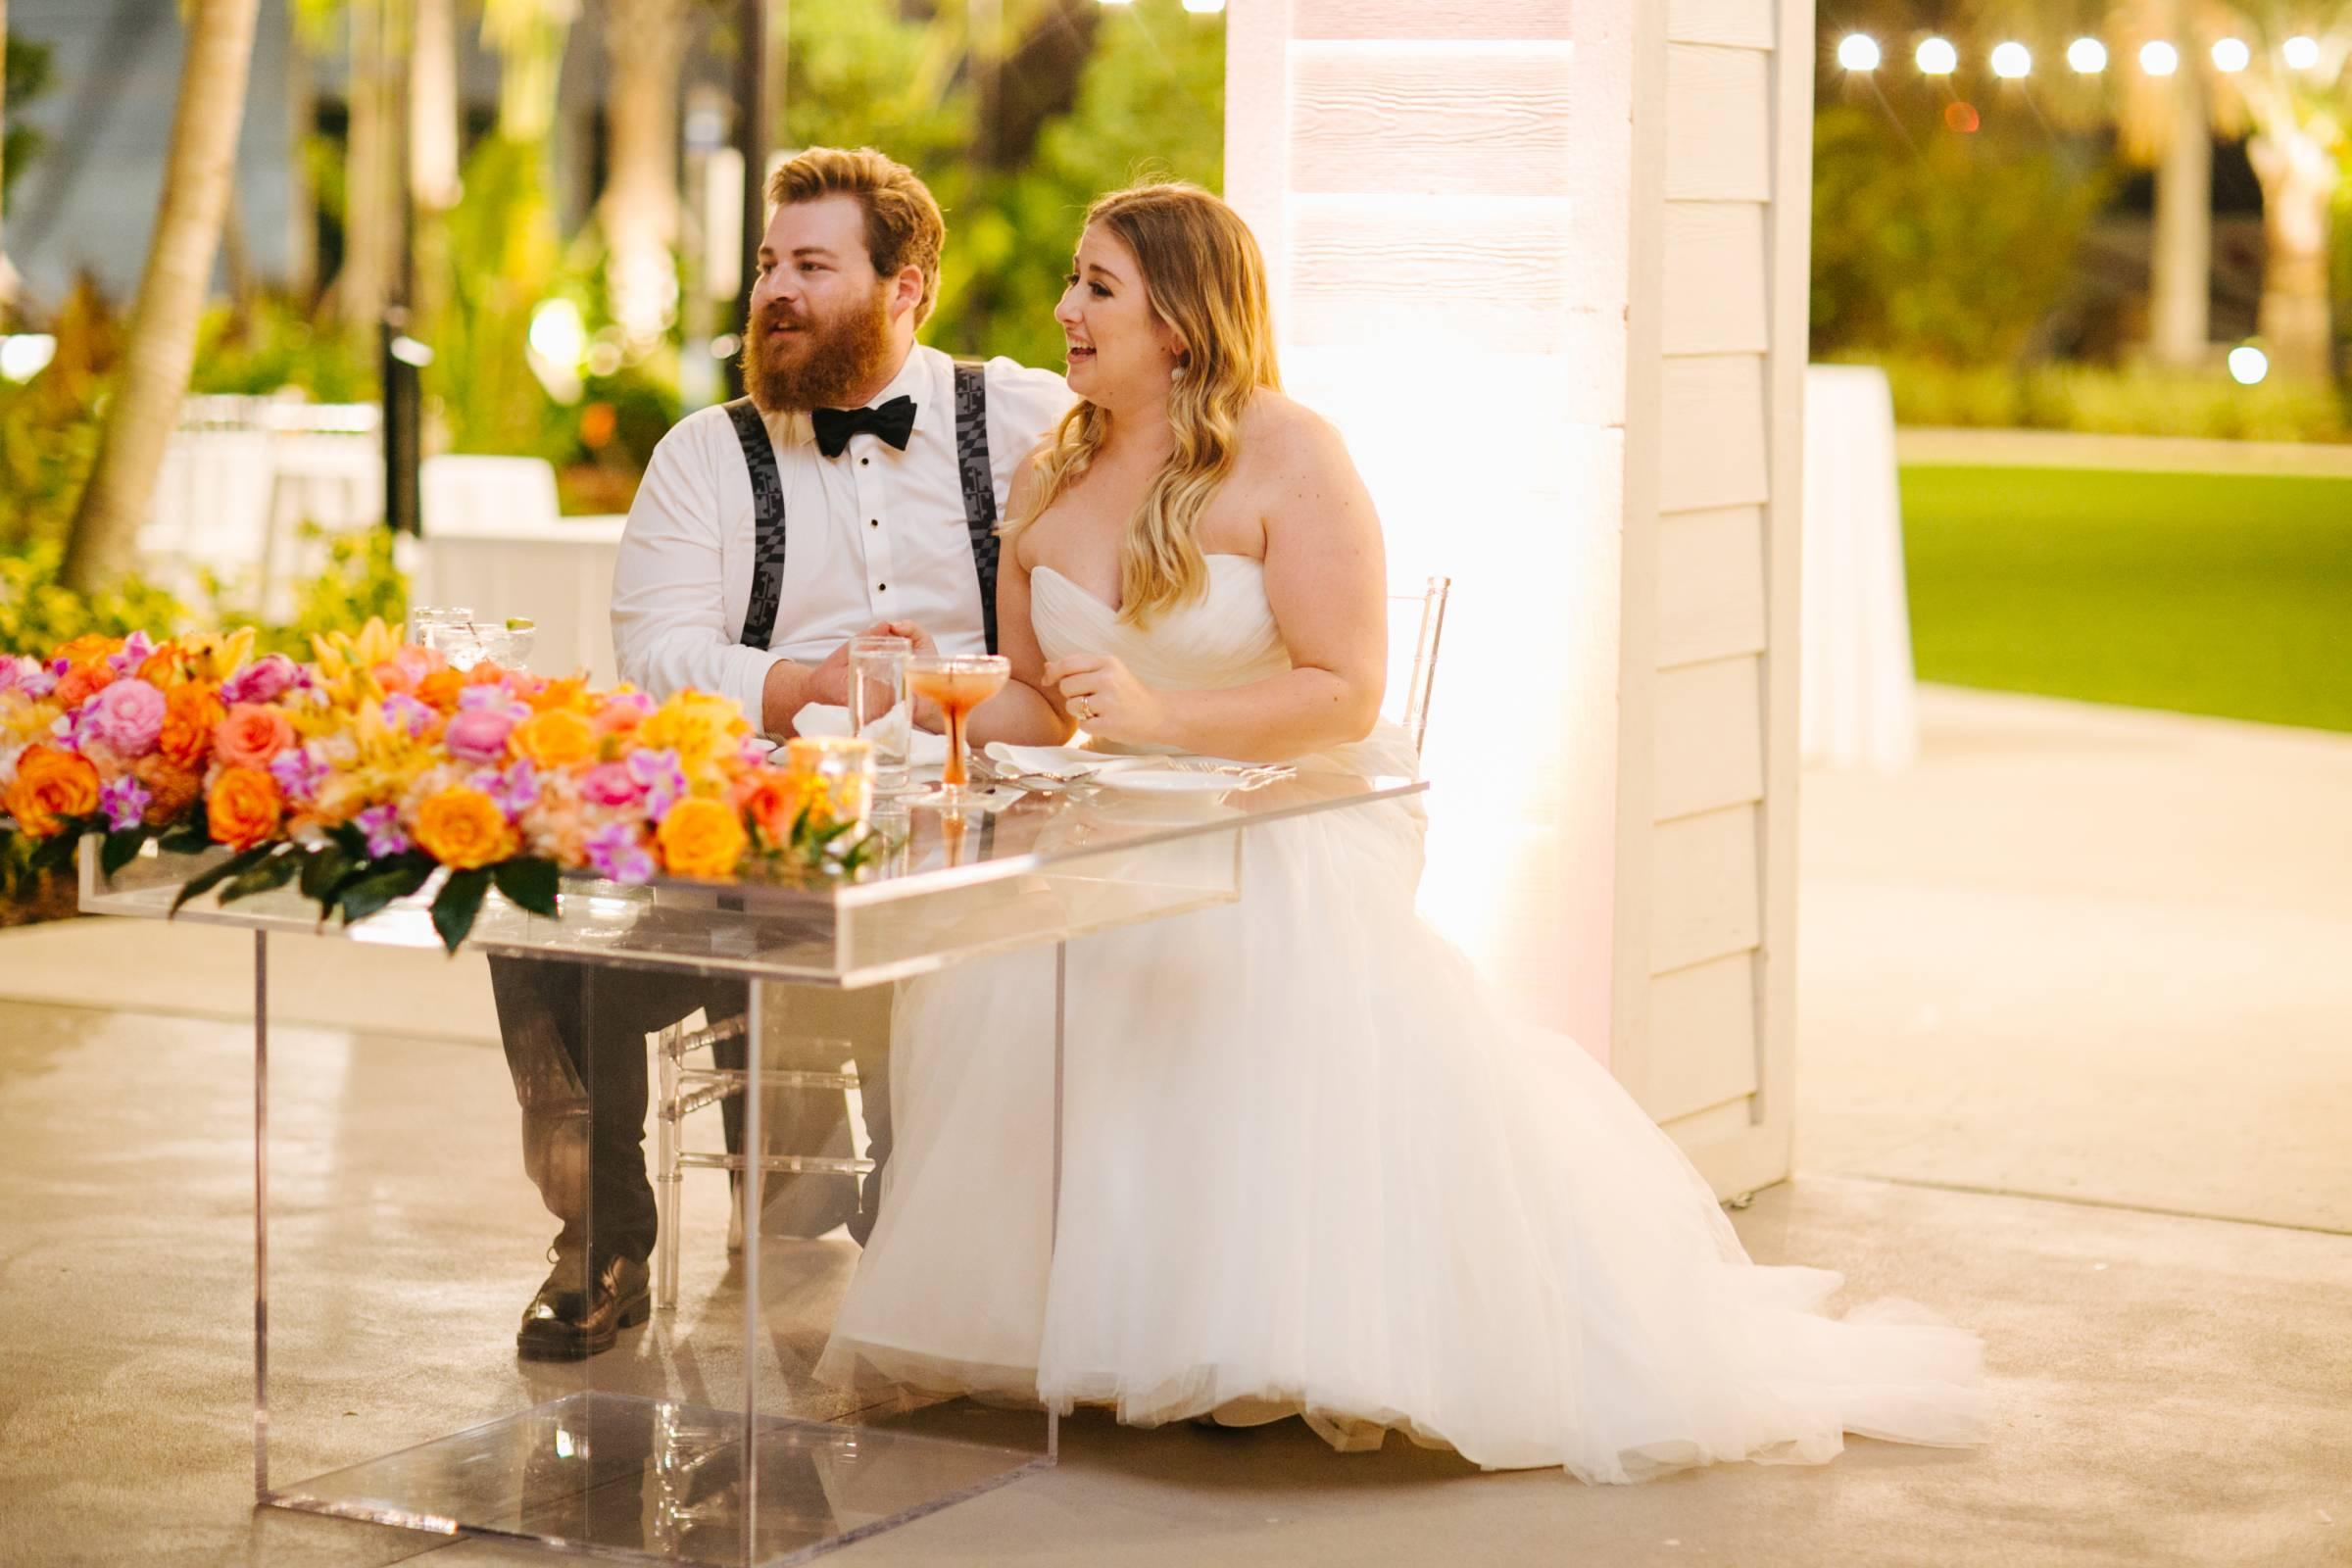 Orlando Wedding And Party Rentals.Orlando Wedding And Party Rentals Gallery Item 3